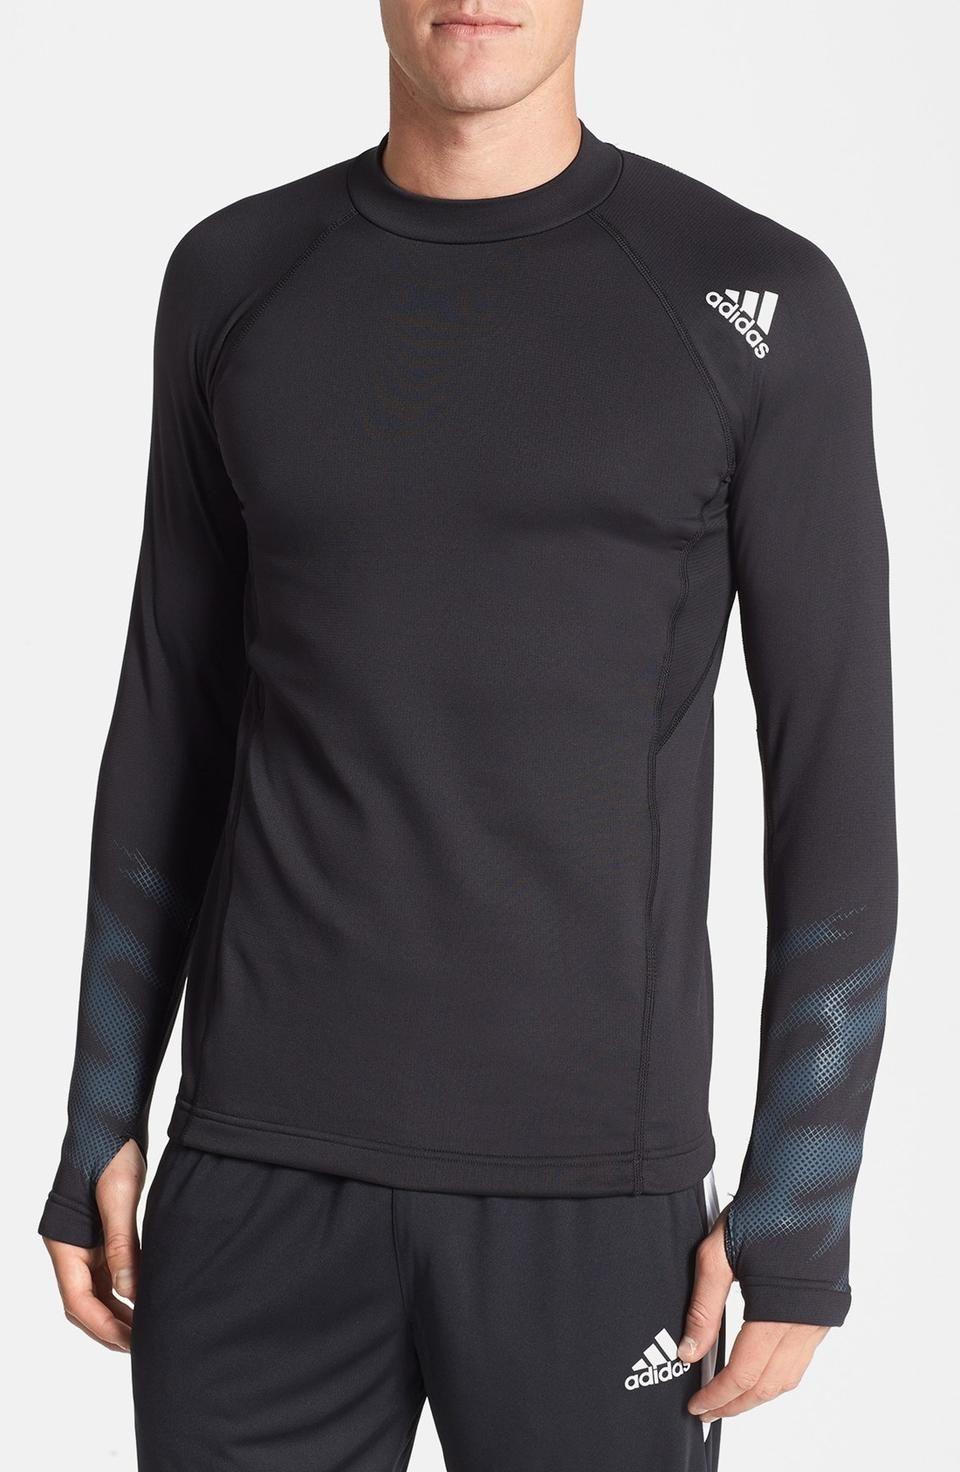 adidas climawarm shirt